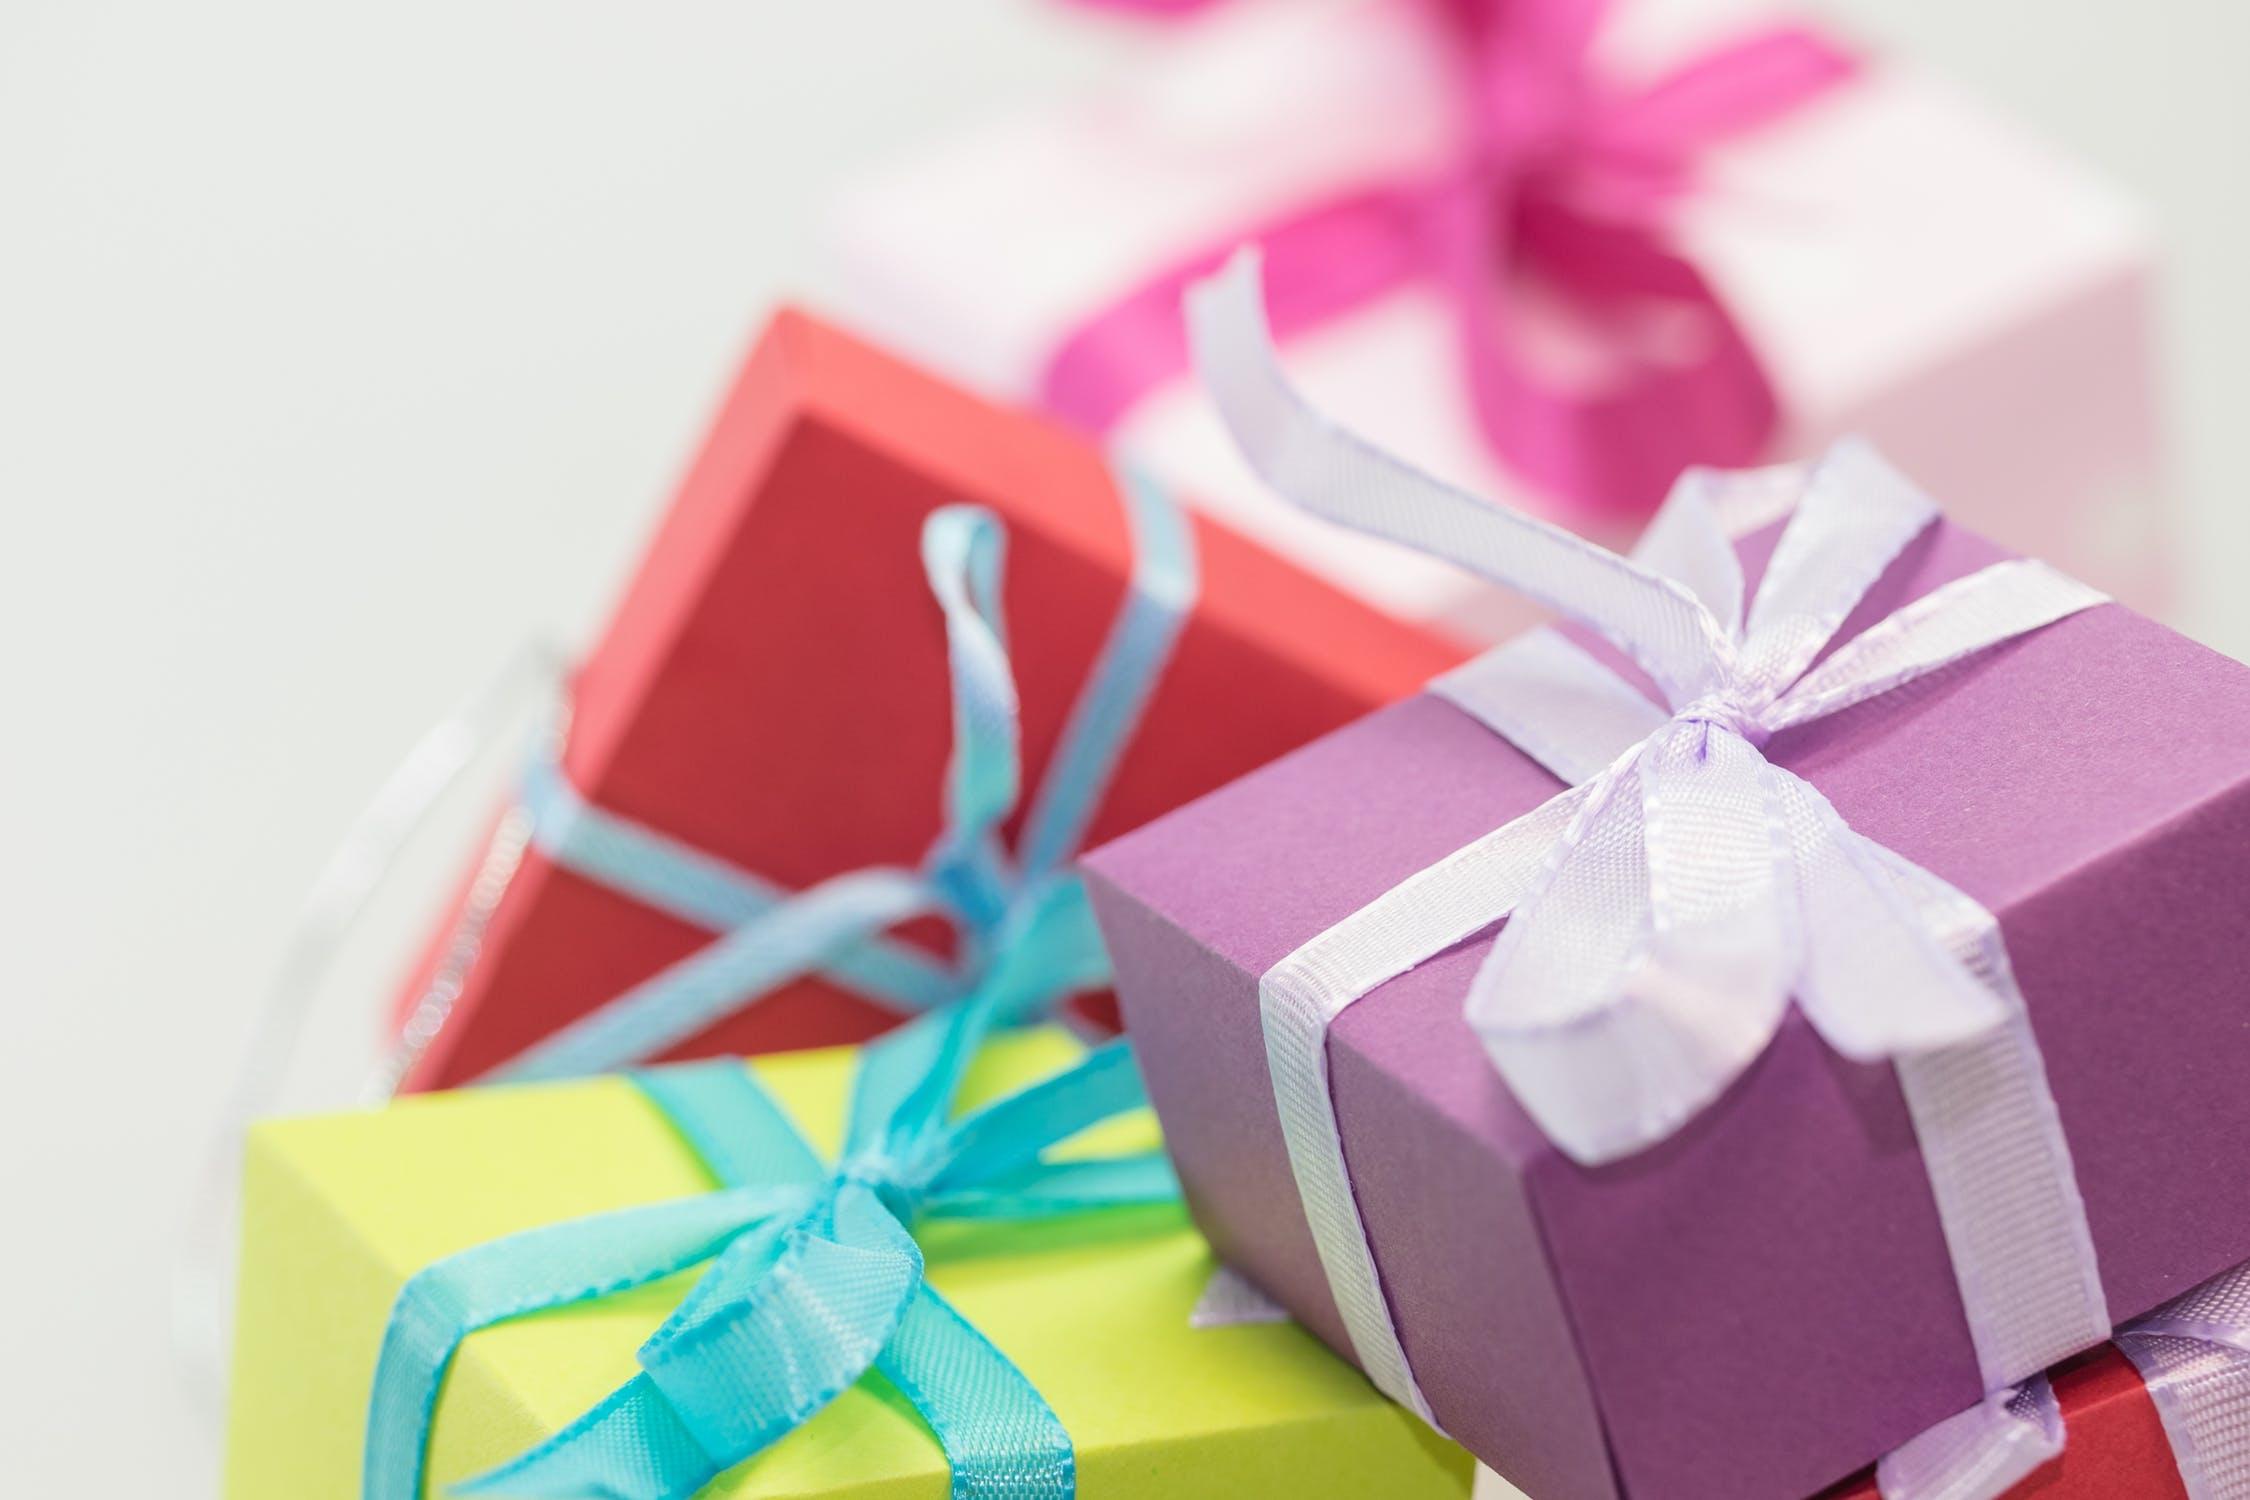 смотря картинки с красивыми подарками лишай его своей